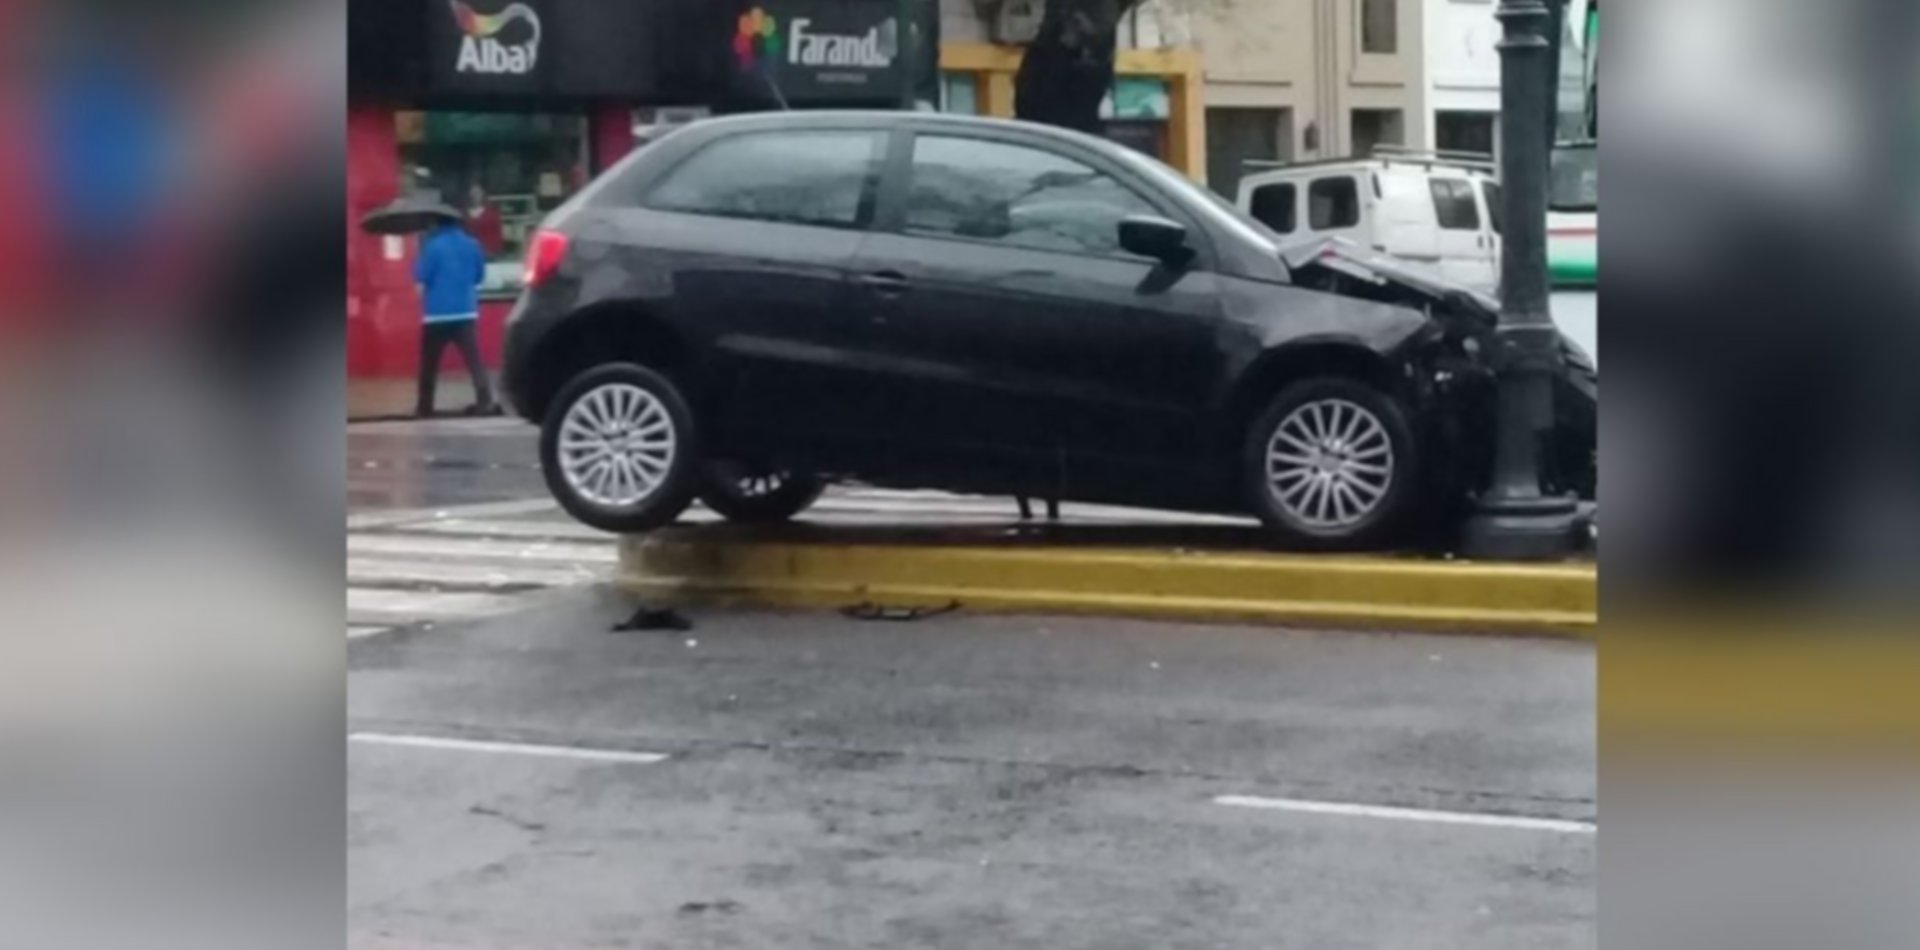 Espectacular choque terminó con un auto sobre la rambla en pleno centro